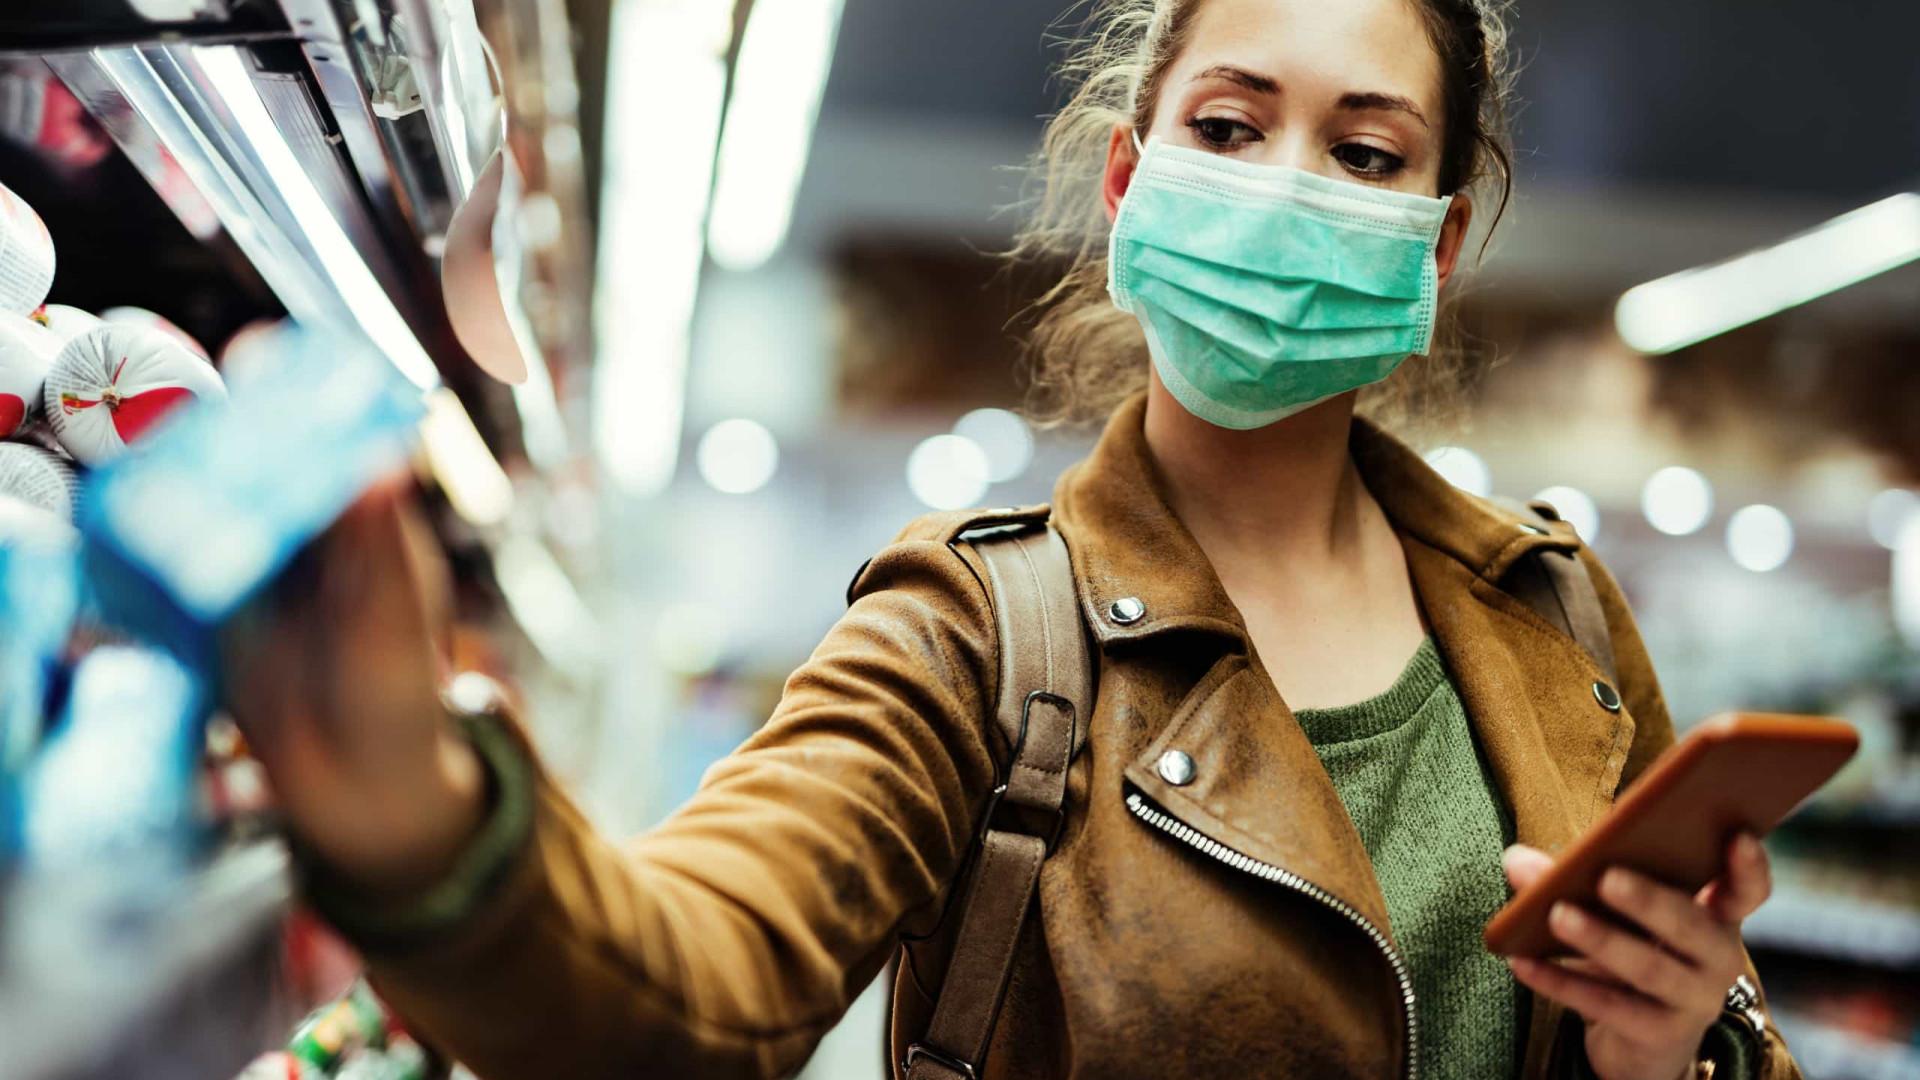 Mulheres serão principais prejudicadas por impacto da pandemia, diz OMC